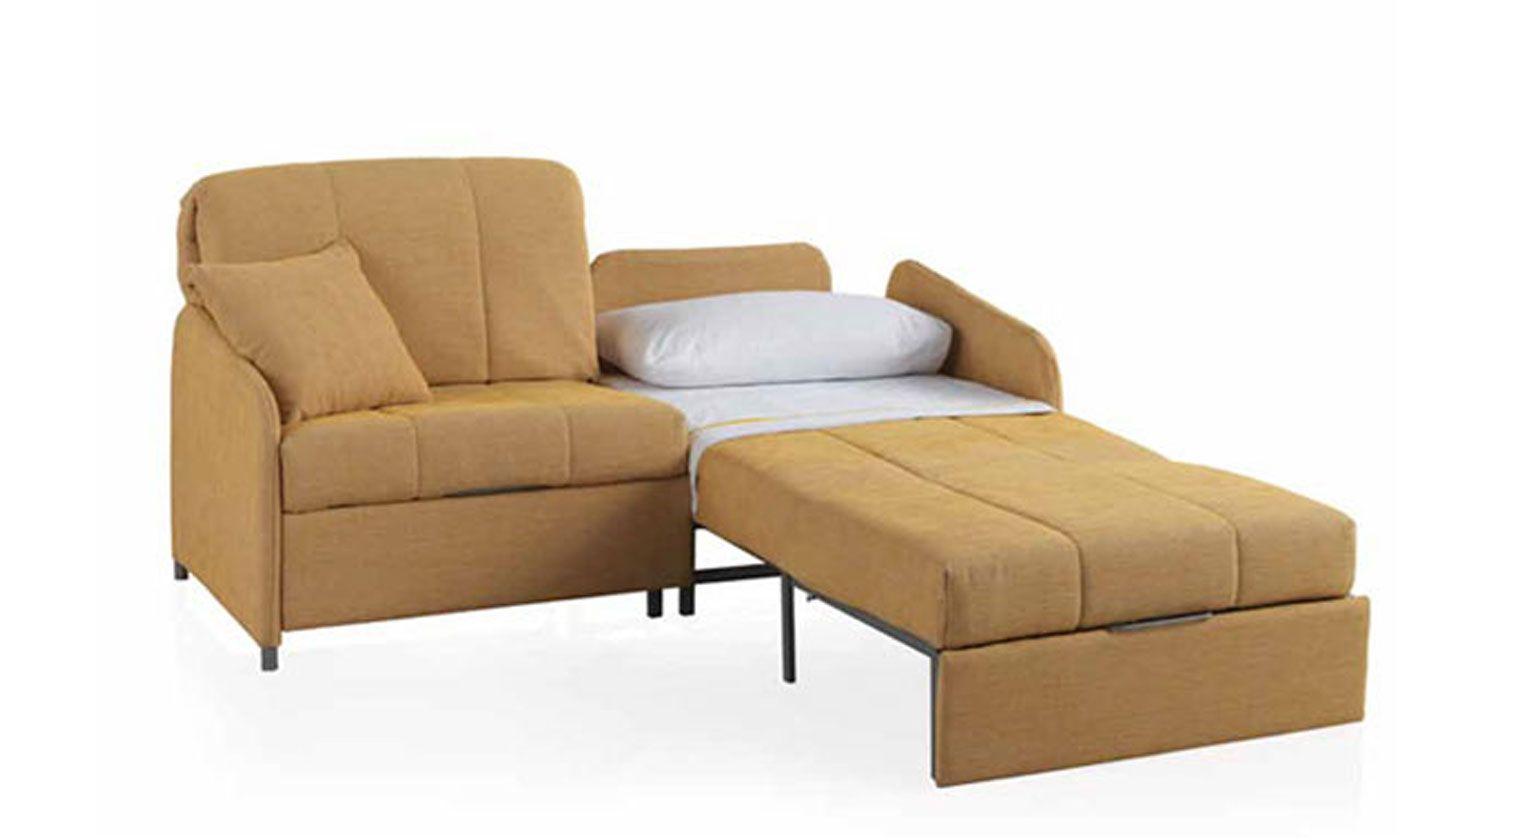 f3ff5e69a29 Sofá Cama DIJON .Sofas cama Extensible - Nido